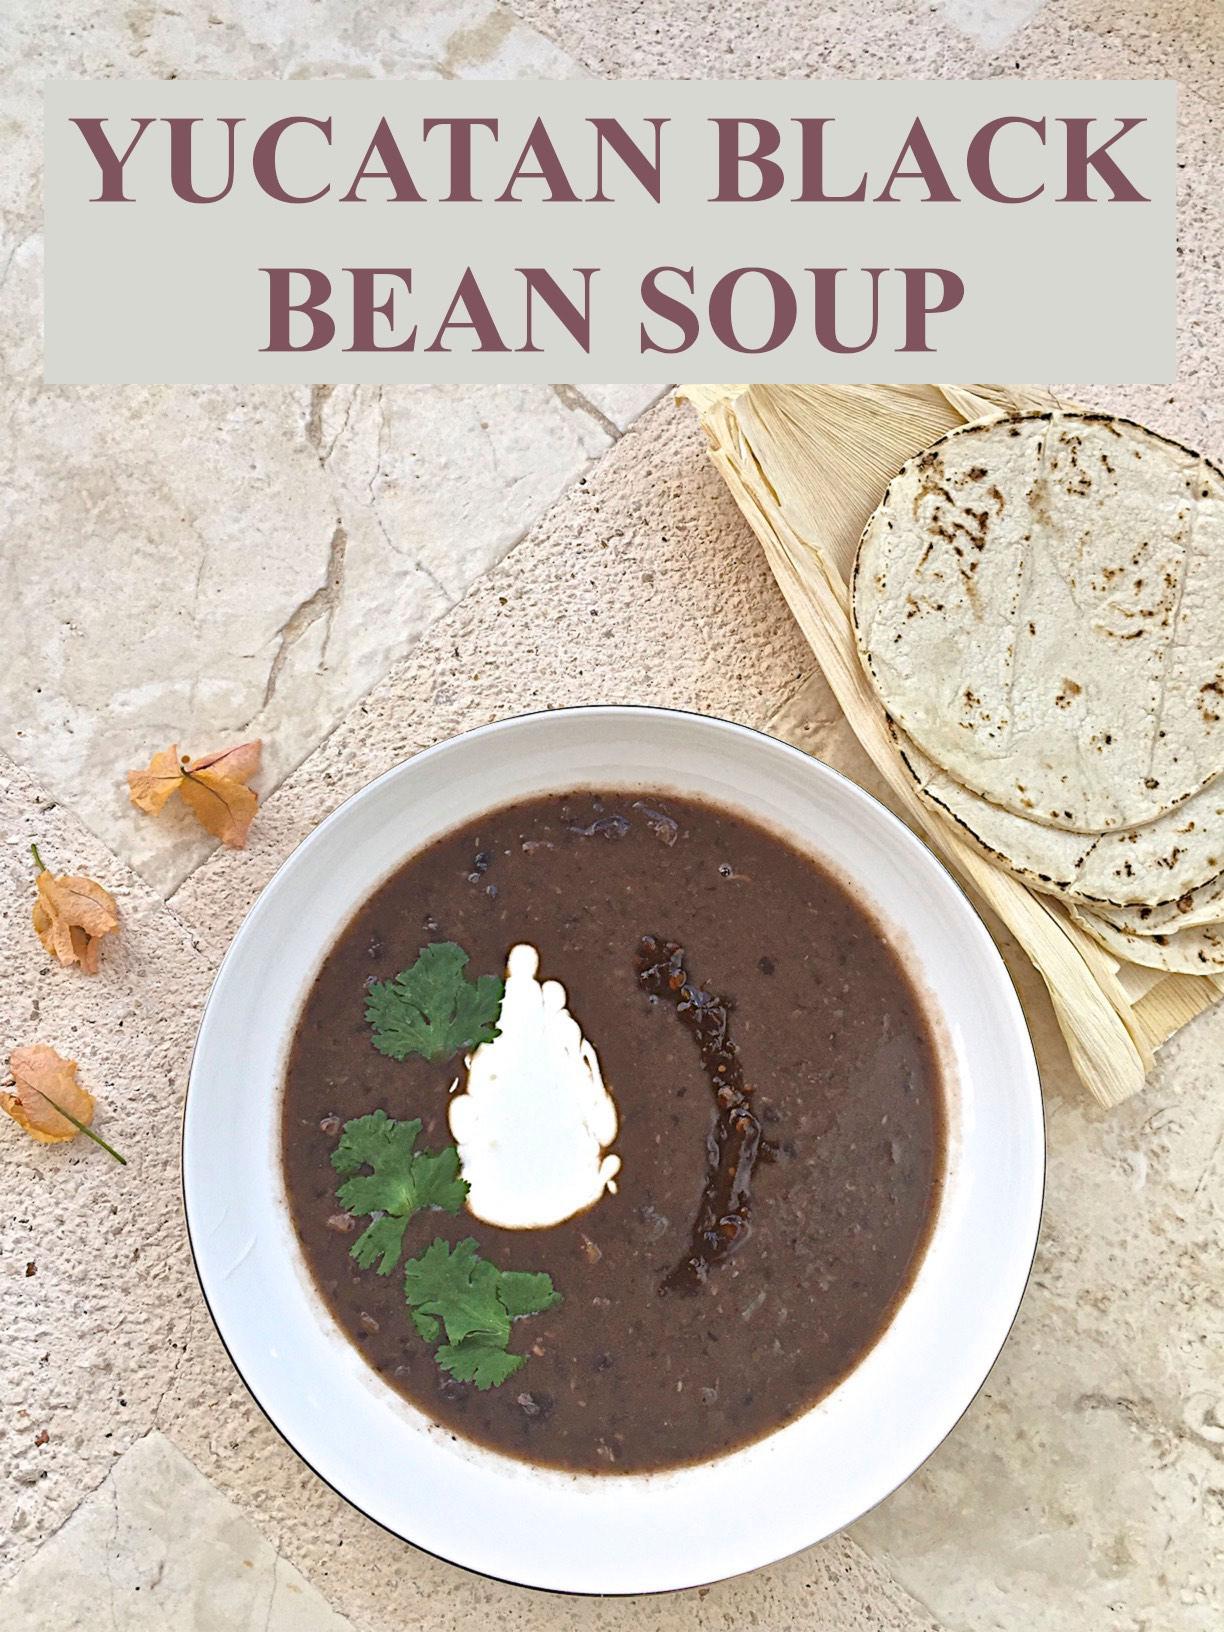 Yucatan black bean soup